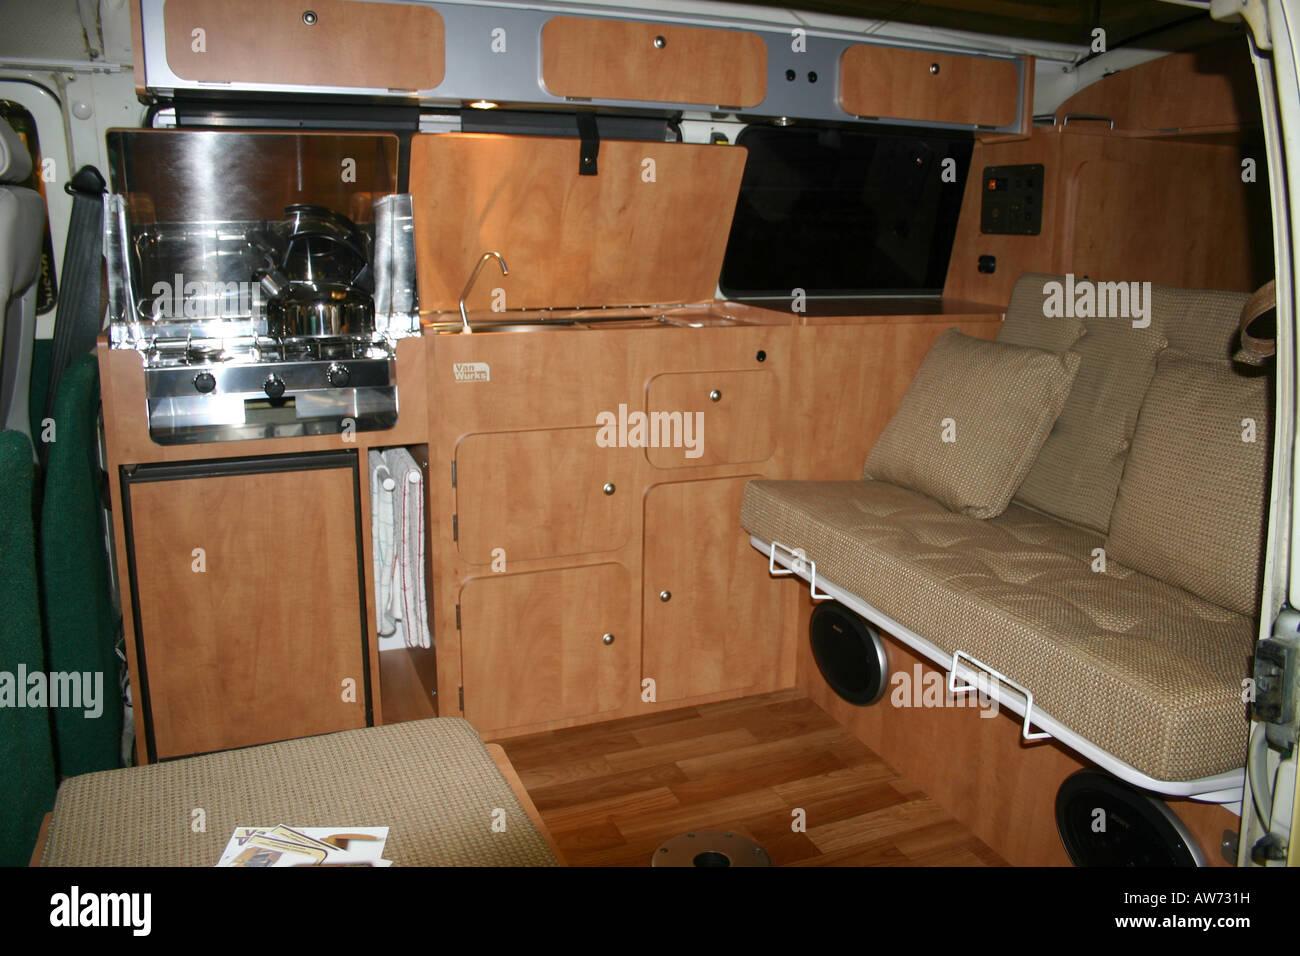 Volkswagen Camper Van Interior Stock Photo 16486972 Alamy